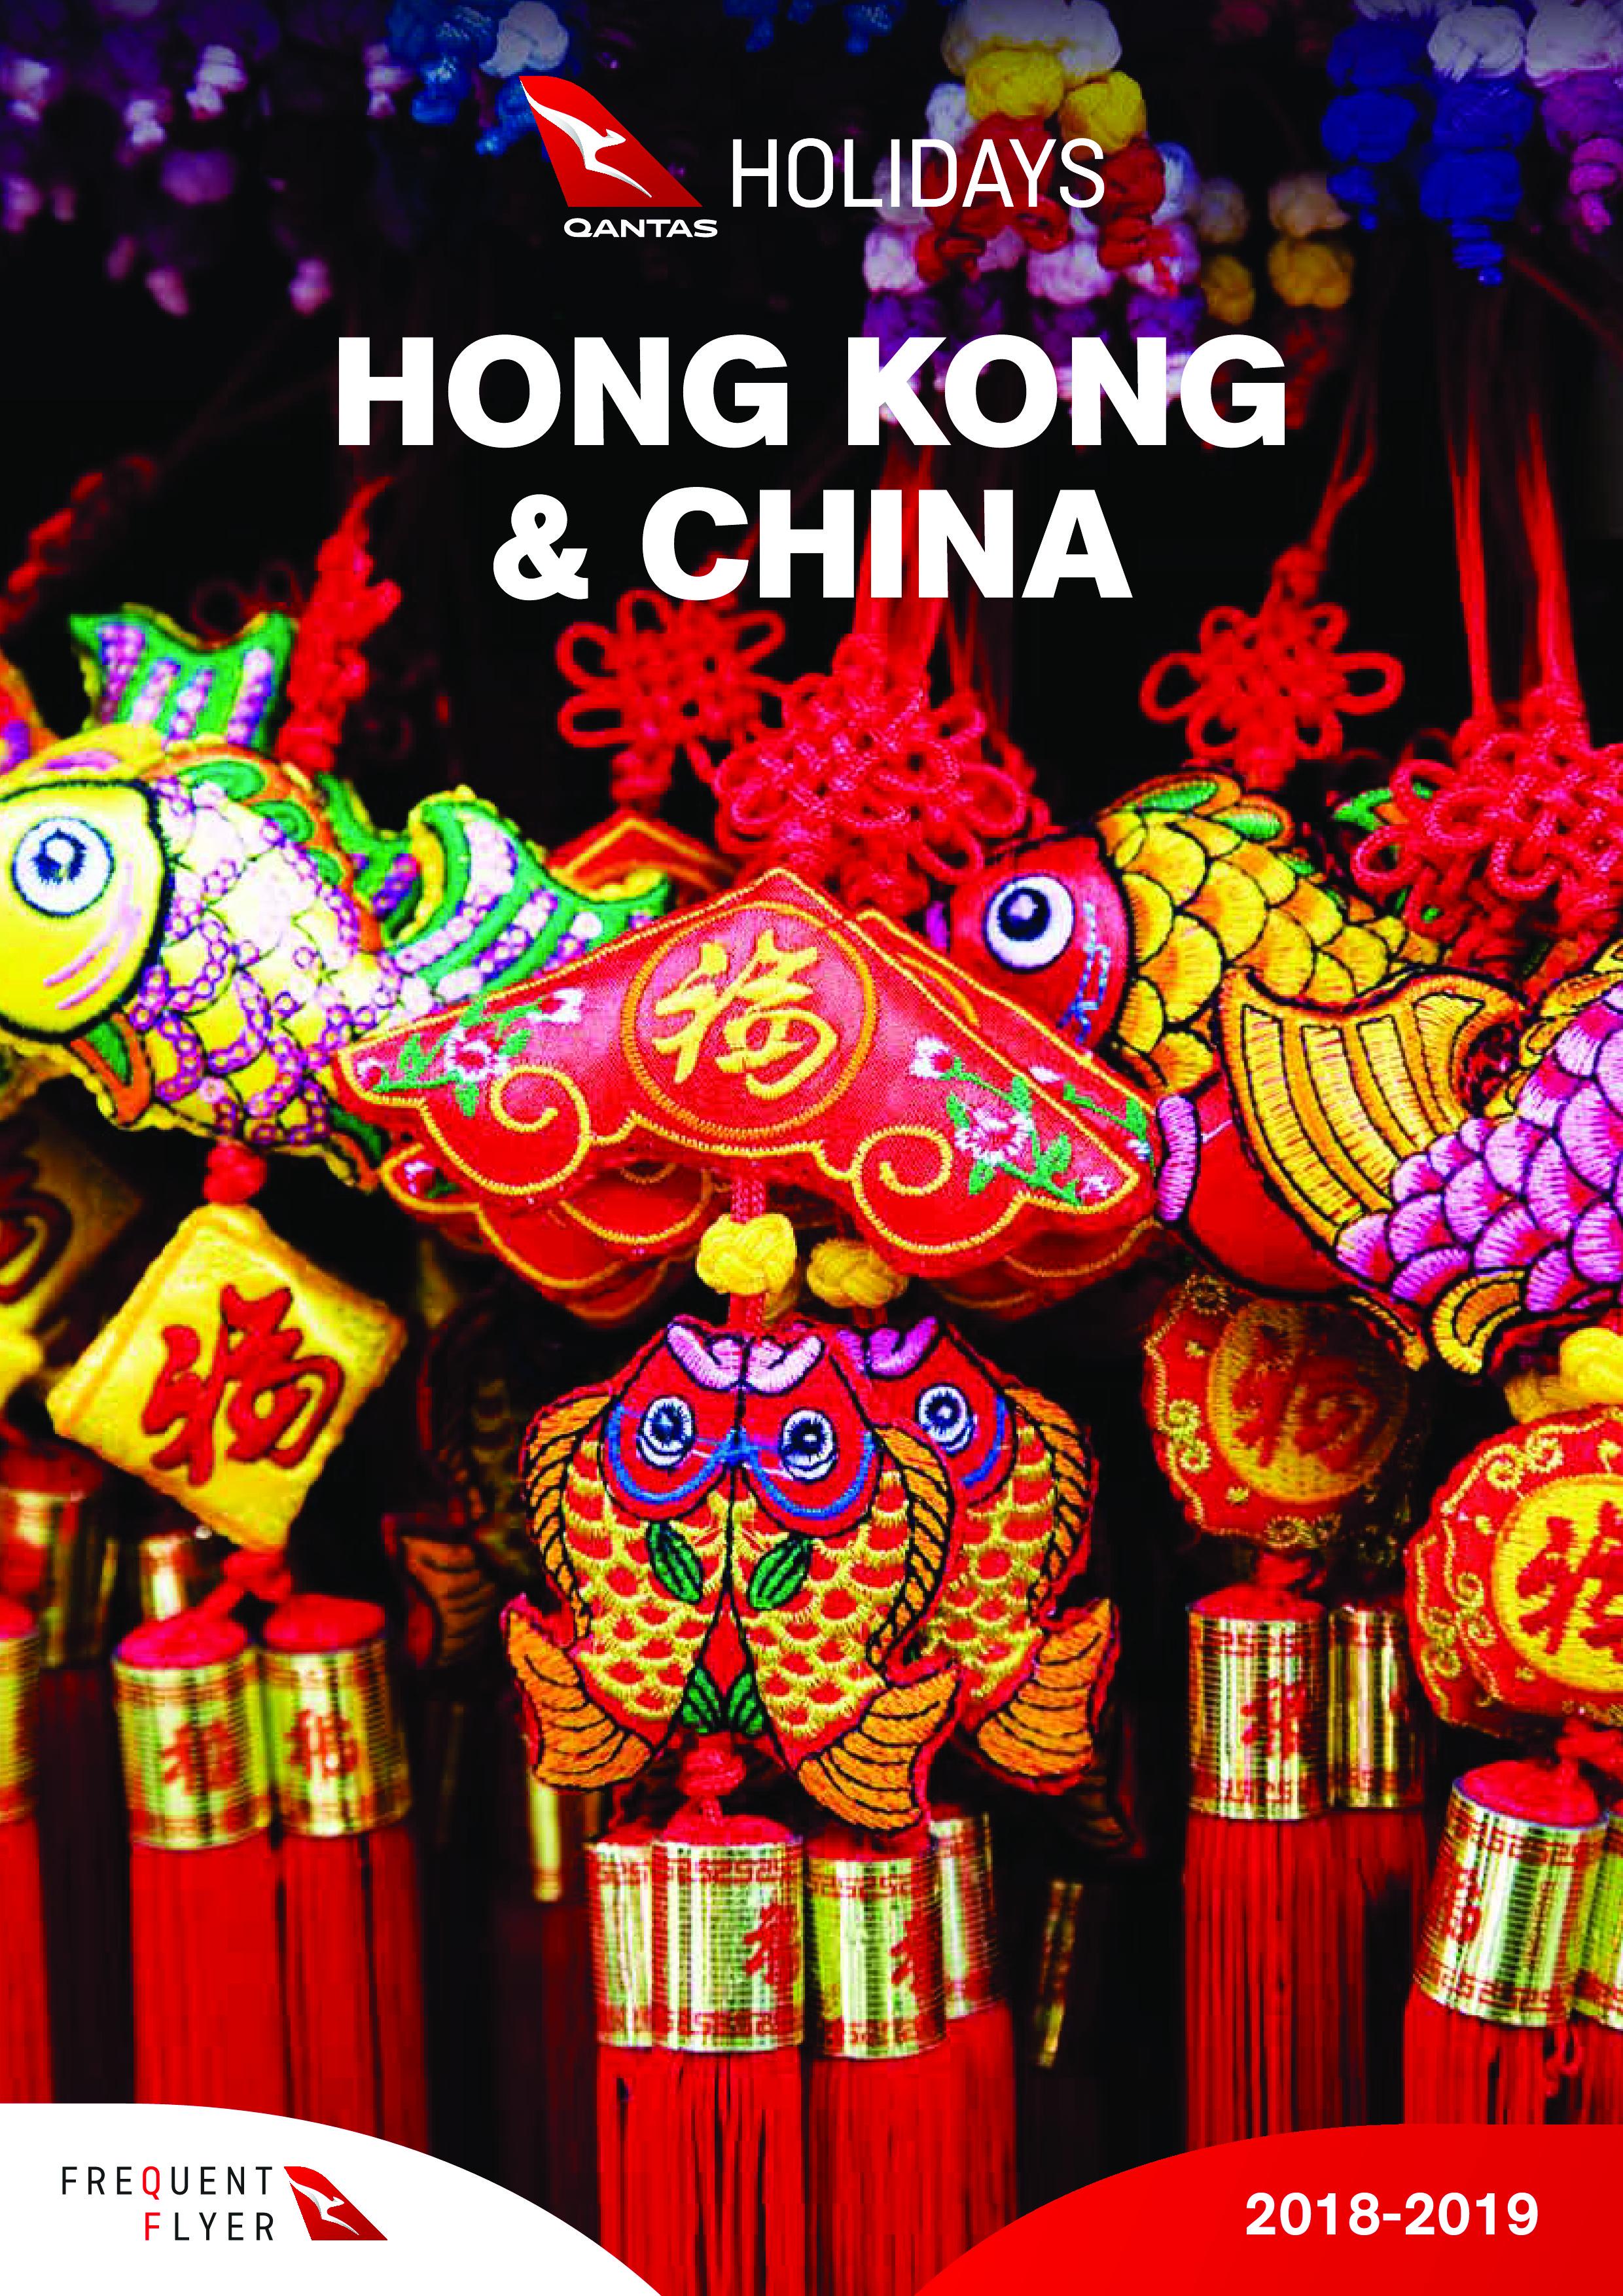 HONG KONG-page-0.jpg